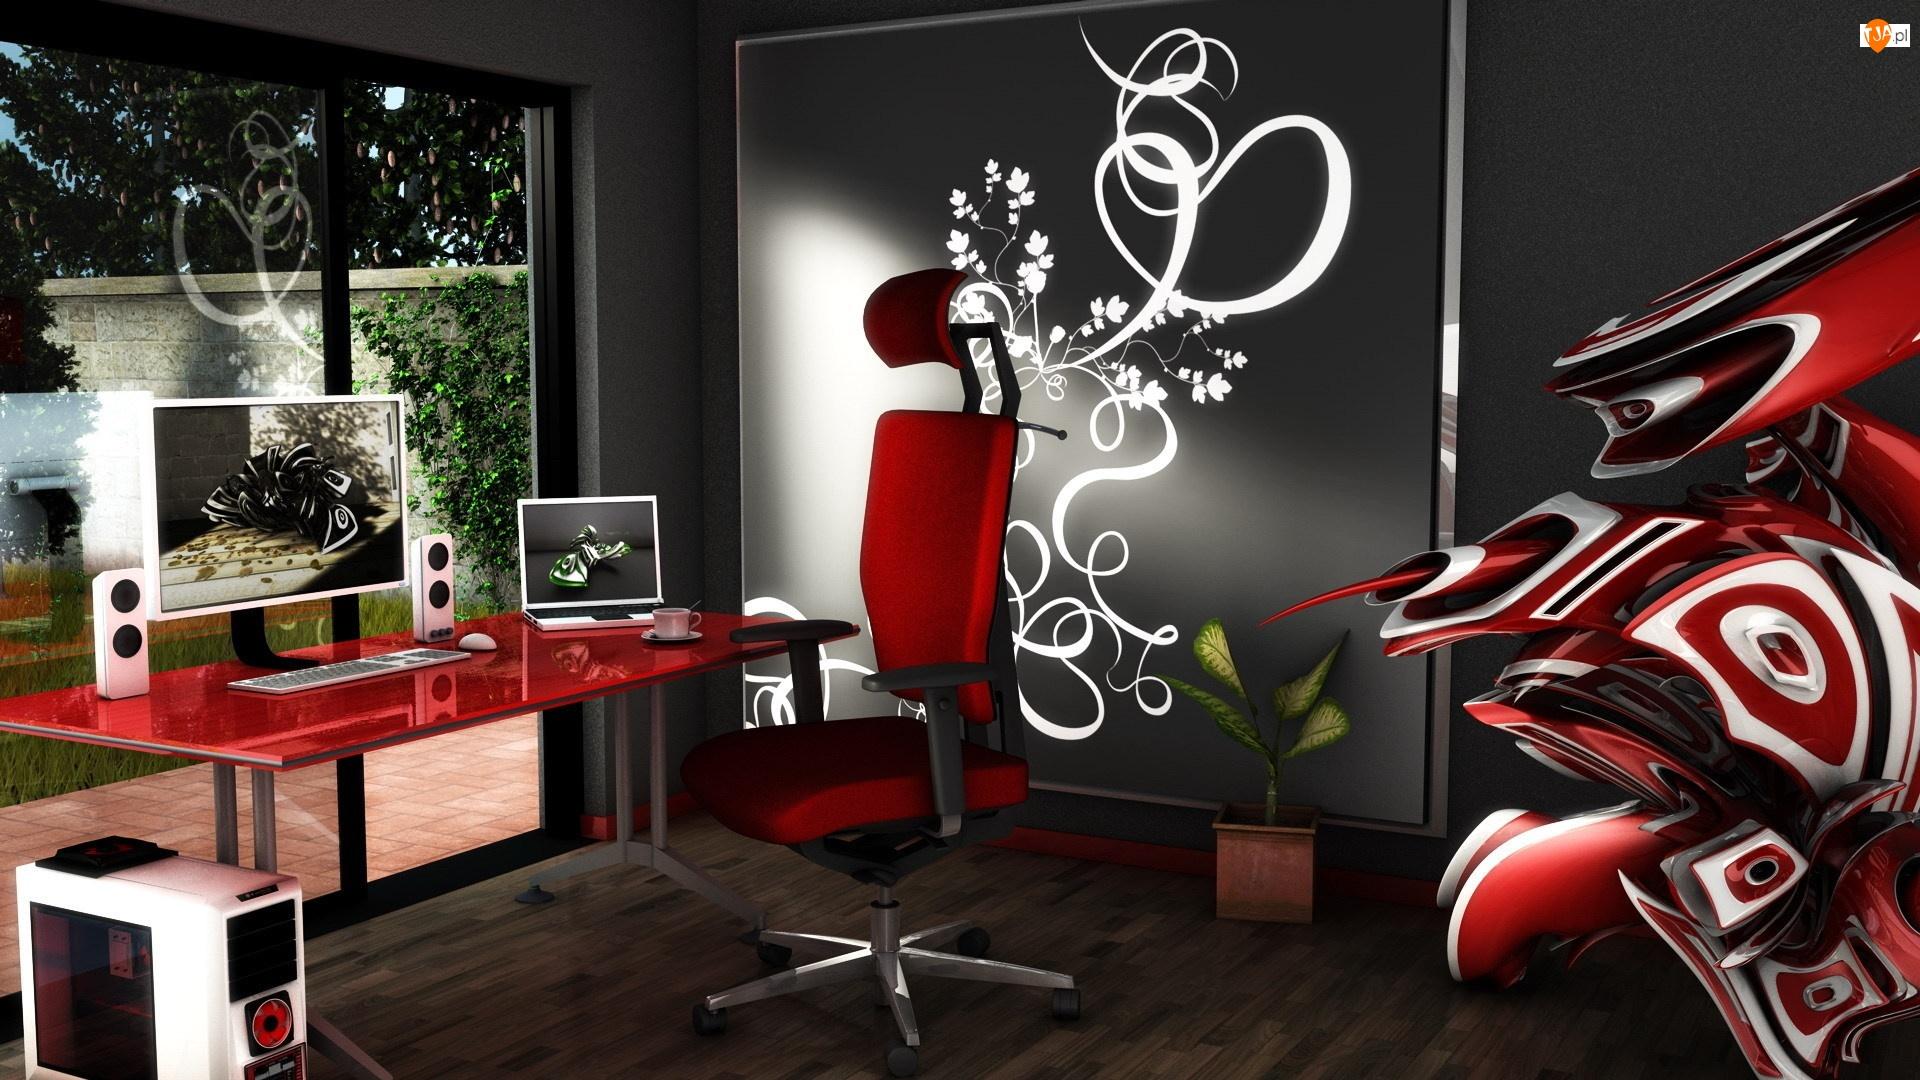 1366x768 интерьер, компьютер, стол, стул, стиль, ноутбук кар.